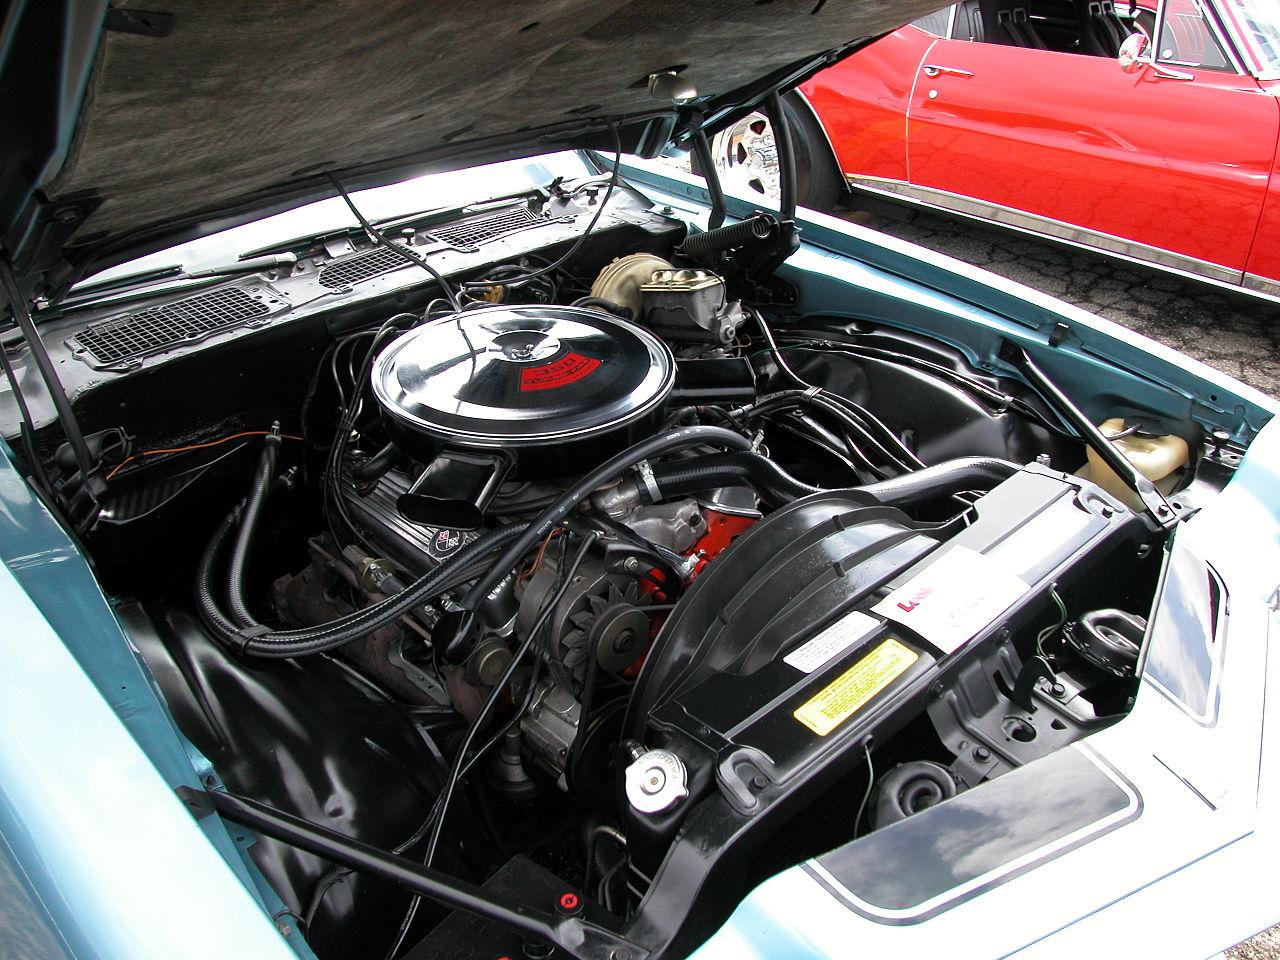 Zz 5522 1970 Camaro Z28 Engine Camaro Z28 Engine Harness Diagram 1970 1973 Wiring Diagram